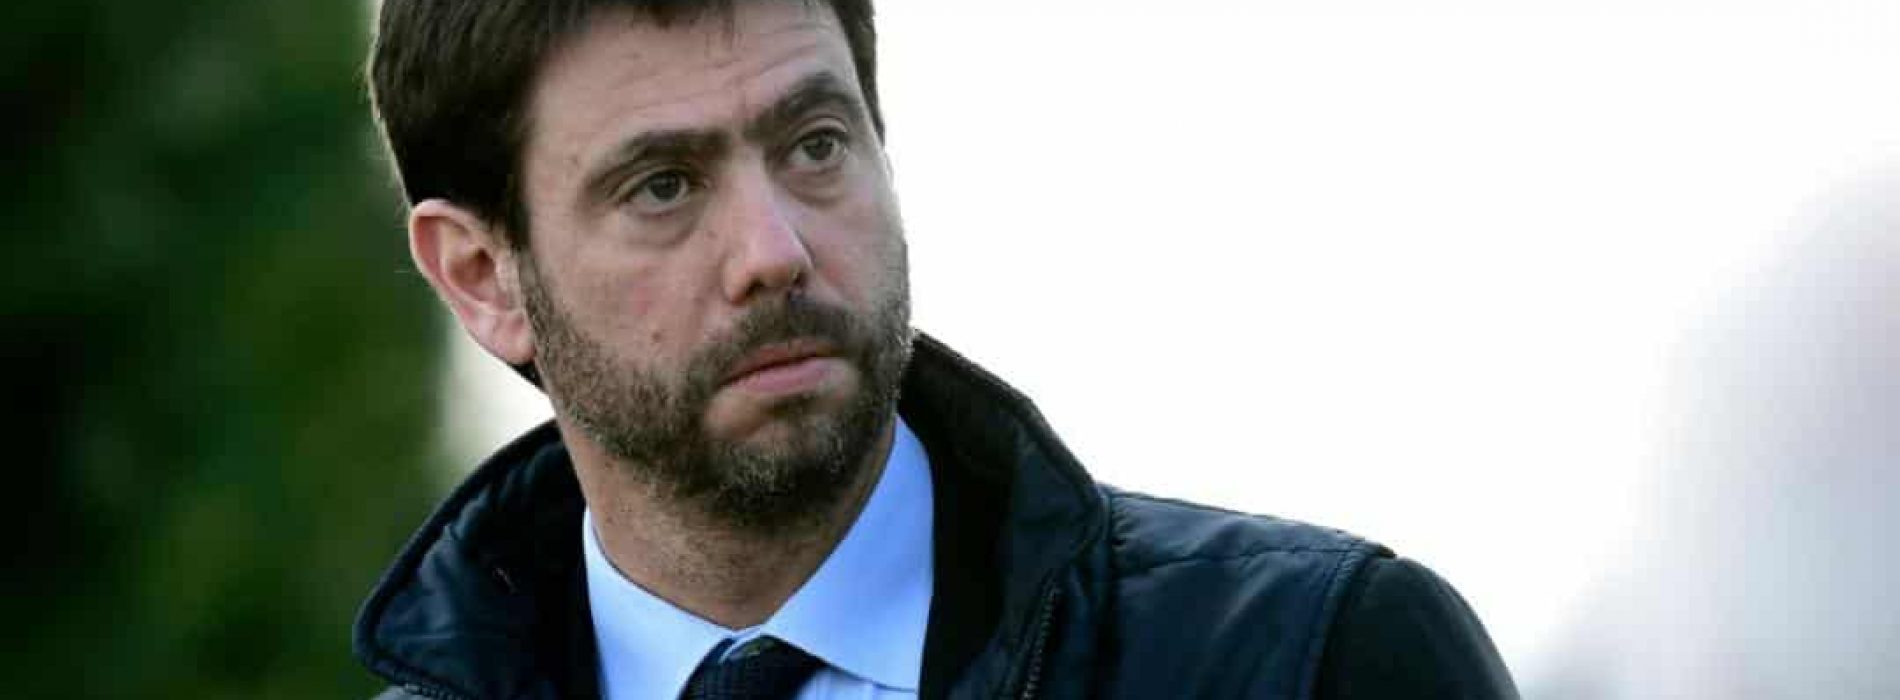 """Juventus, Agnelli: """"L'Ajax ha meritato di passare il turno. Con Allegri discuteremo il contratto a fine stagione"""""""